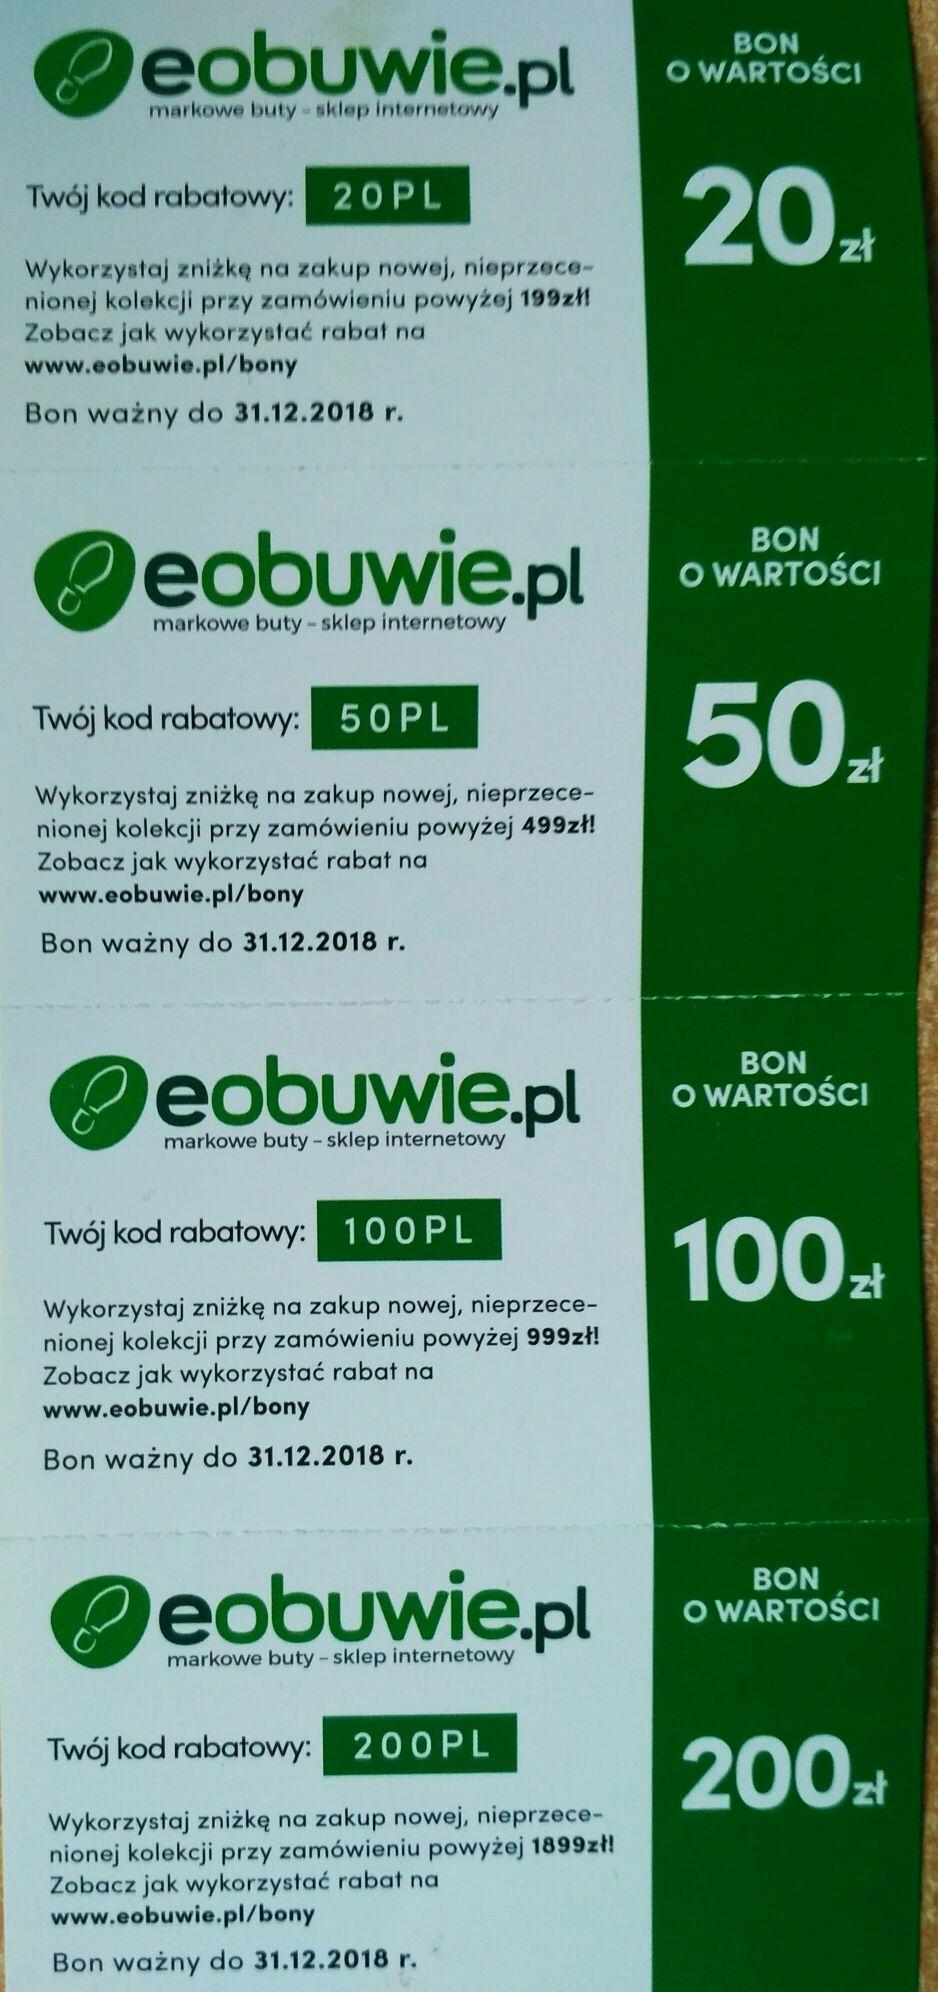 Eobuwie.pl zniżka -20zł